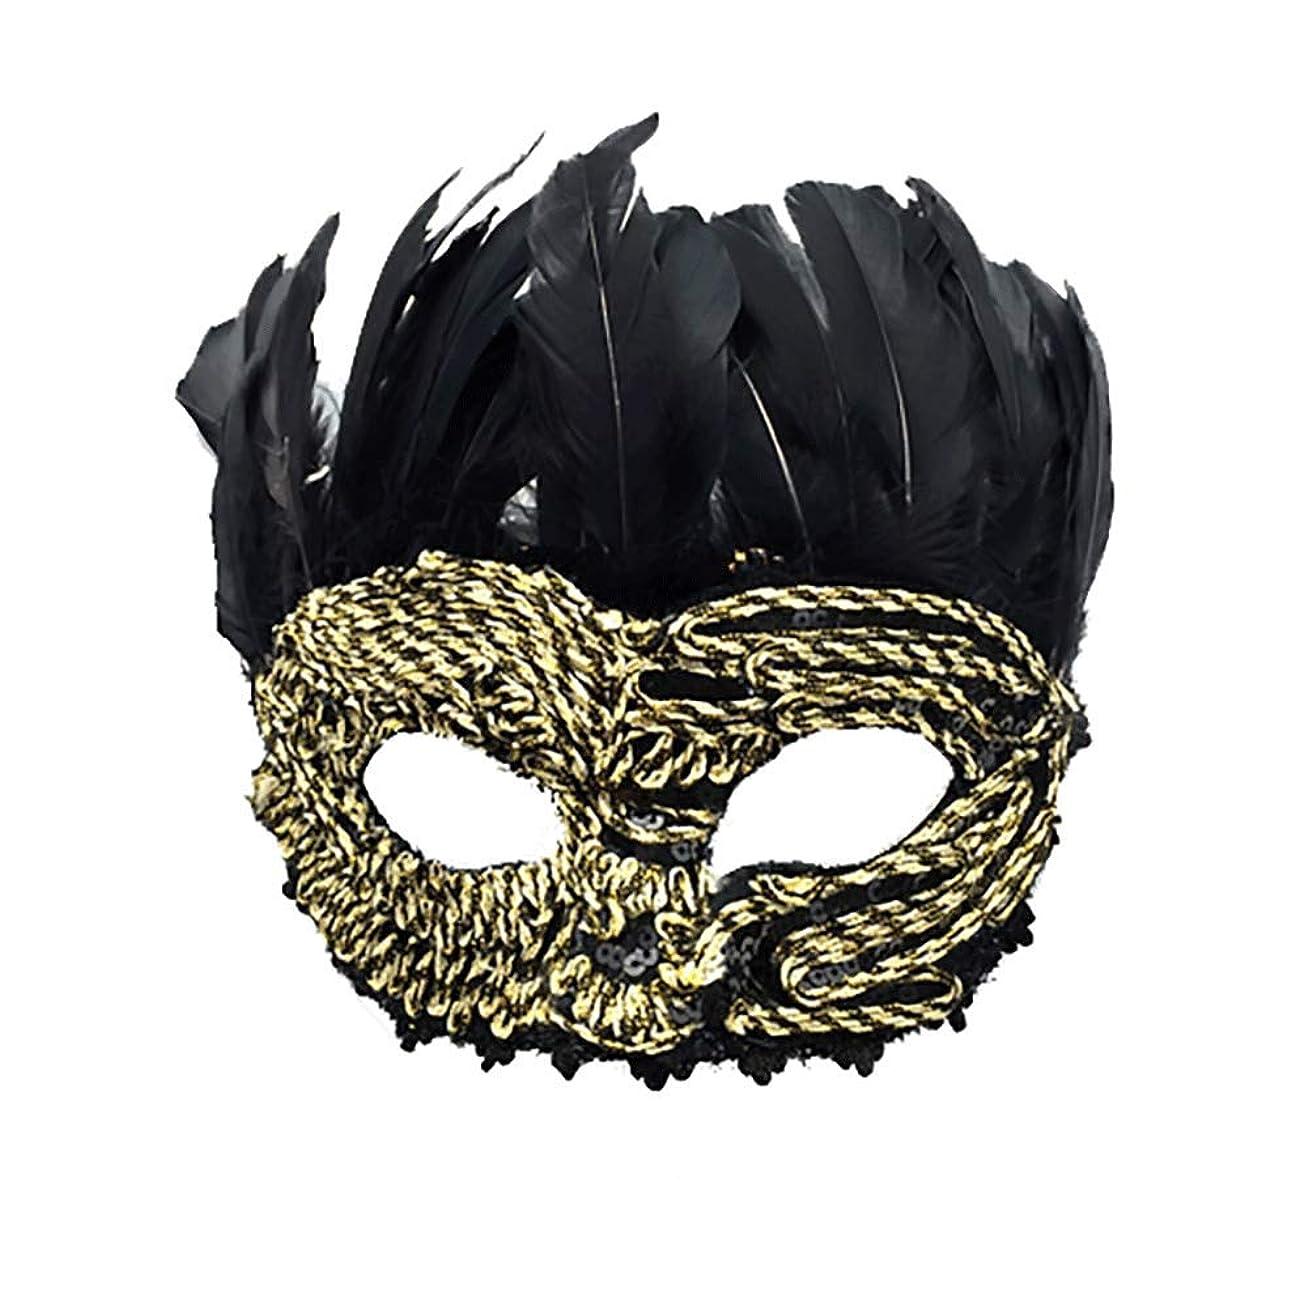 アトラスイディオム職業Nanle ハロウィーンクリスマスレースフェザースパンコール刺繍マスク仮装マスクレディーメンズミスプリンセス美容祭パーティーデコレーションマスク(カップルモデル) (色 : Style B)